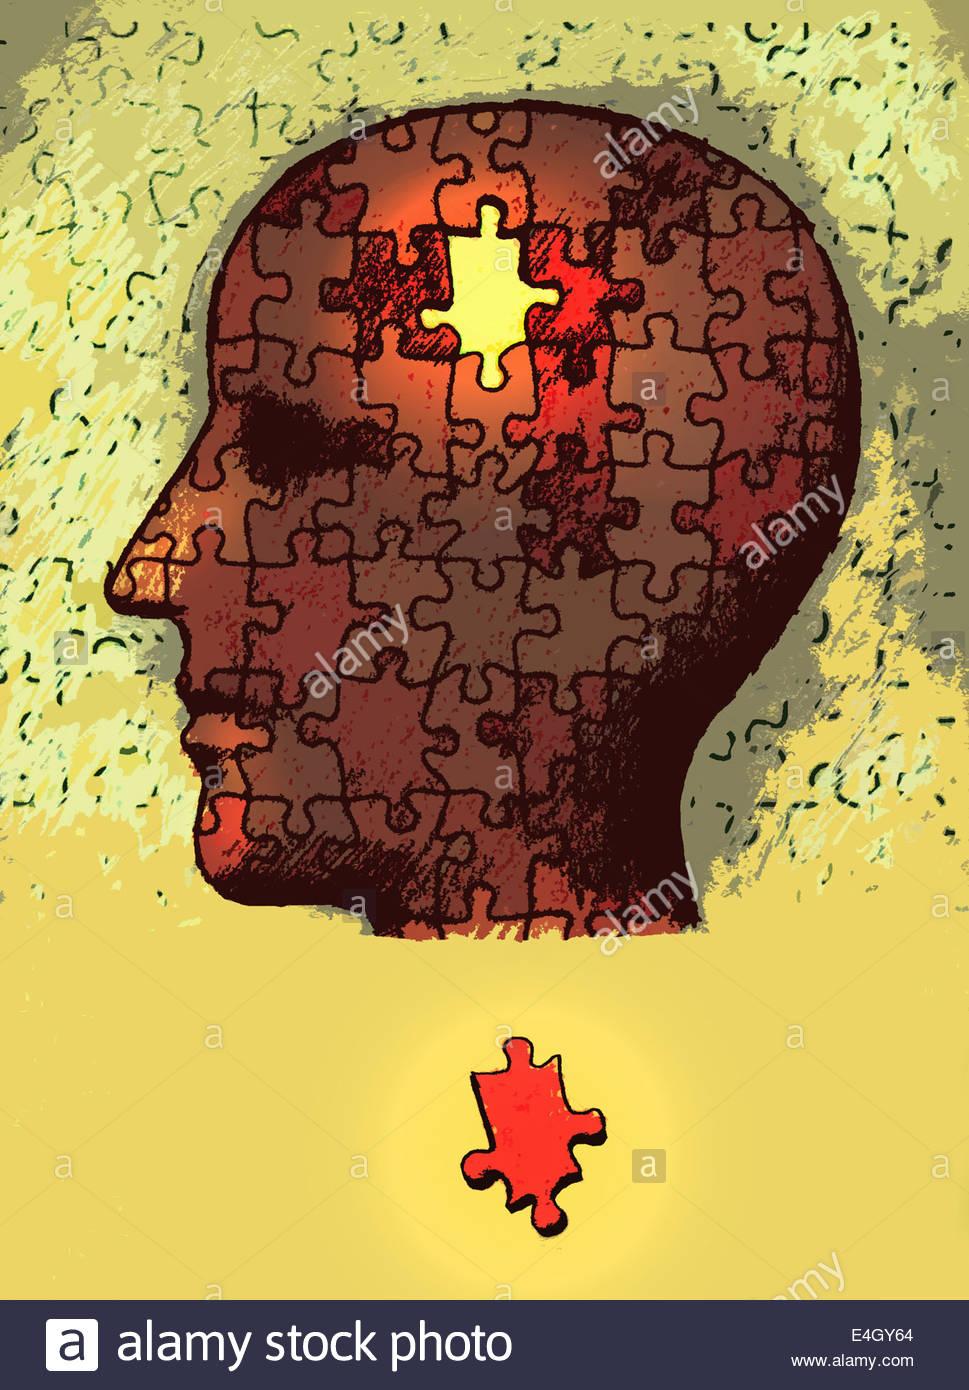 Jigsaw piece manquante à l'extérieur de la tête Photo Stock